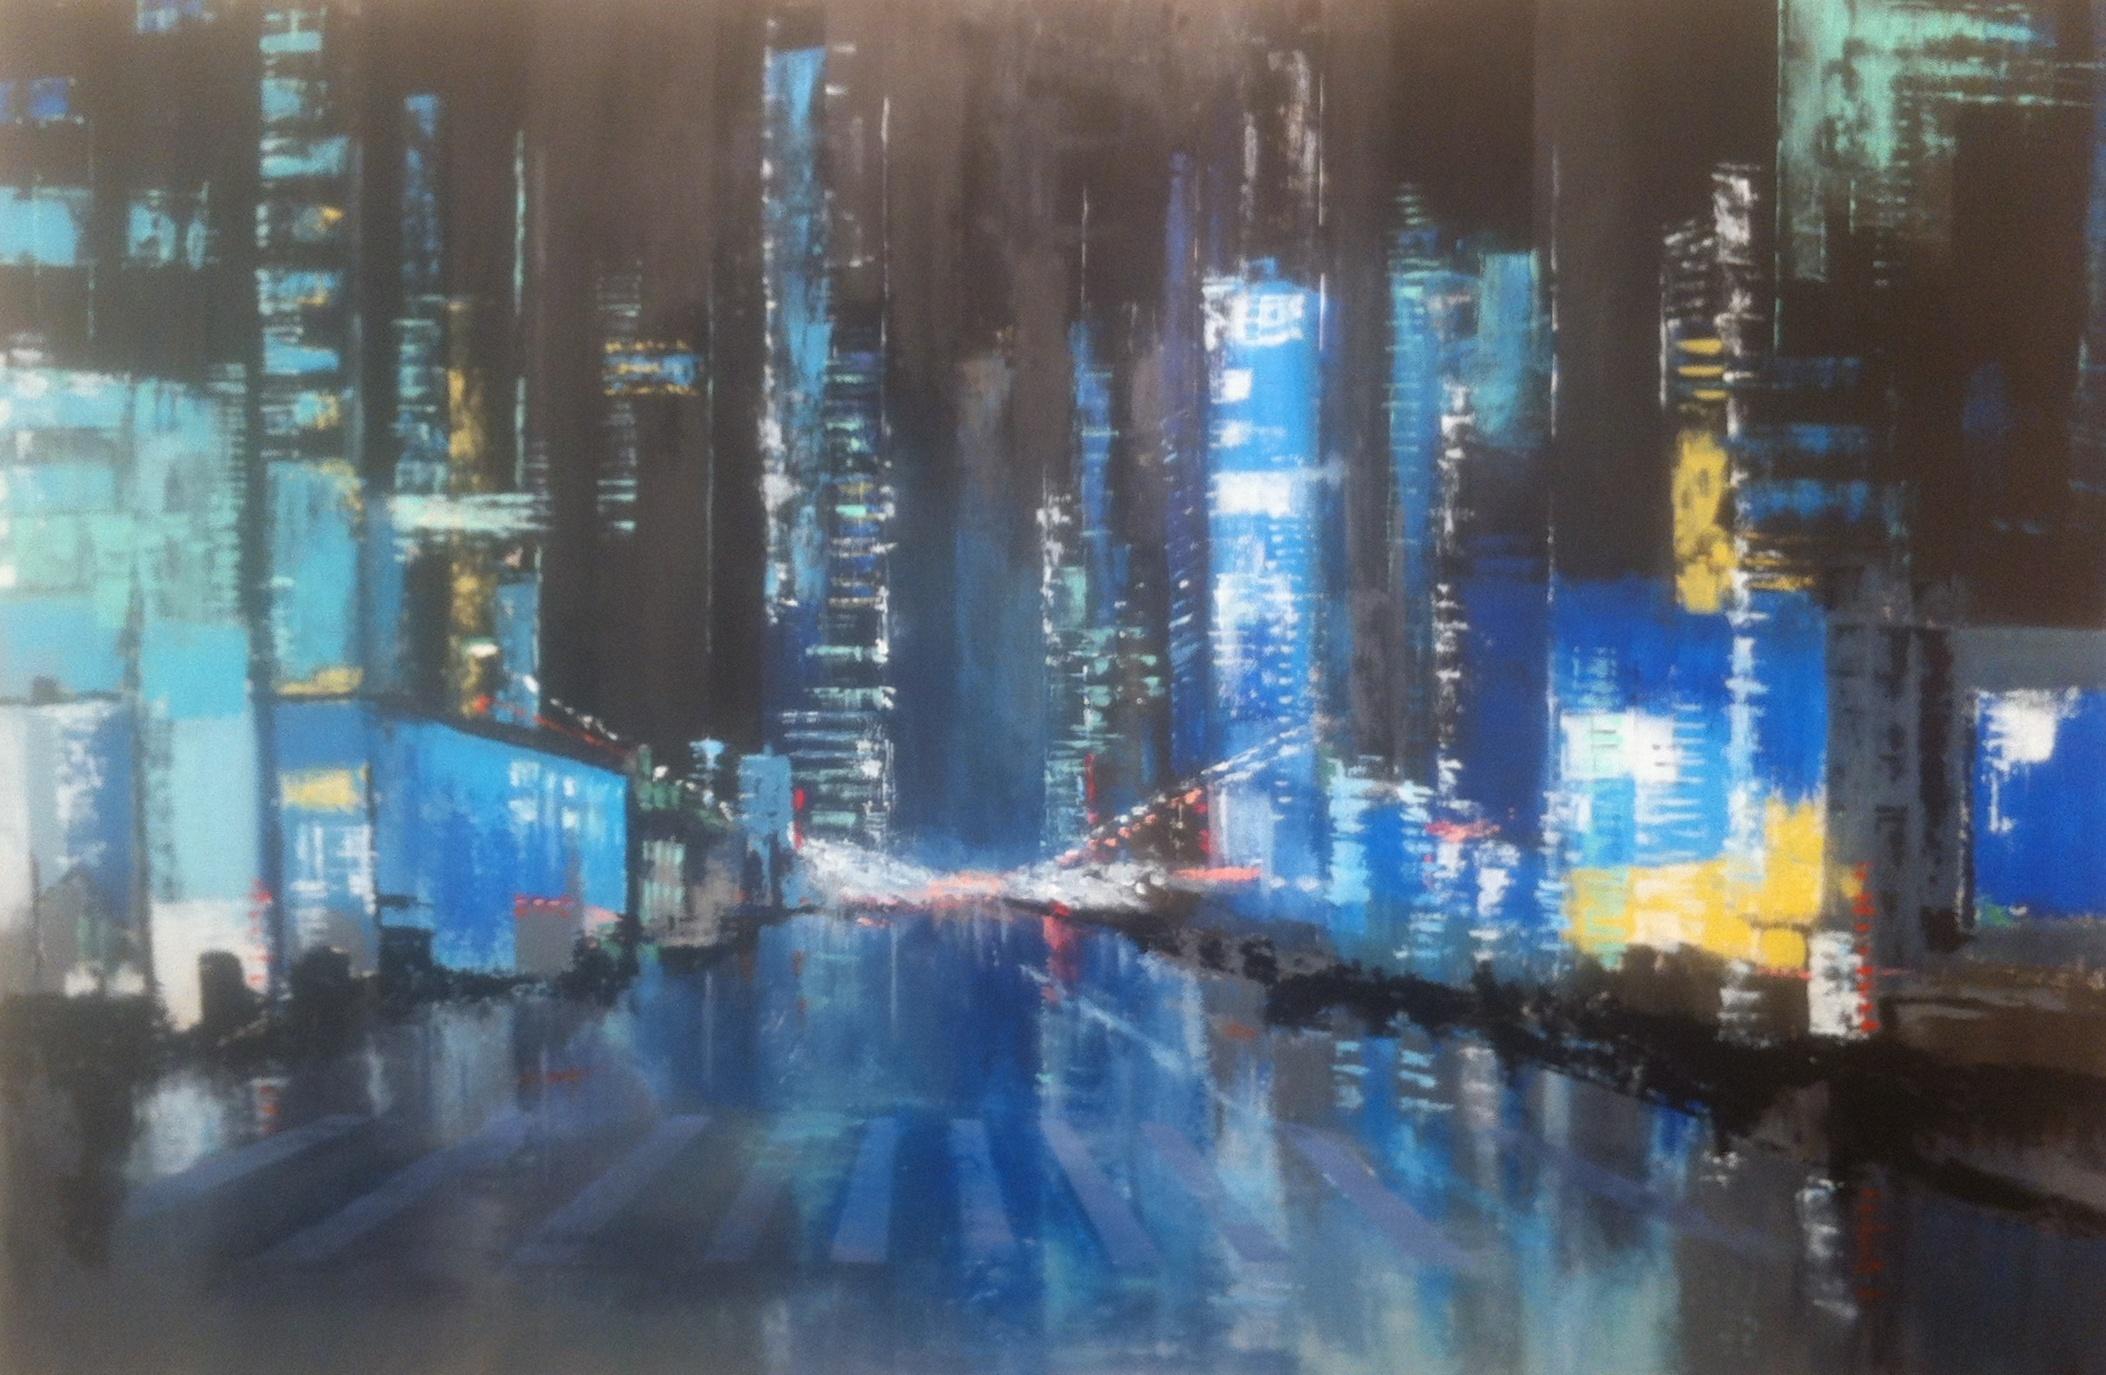 N°1924 - Nuit sur la ville - Acrylique sur toile - 130 x 195 cm - 2 juin 2015